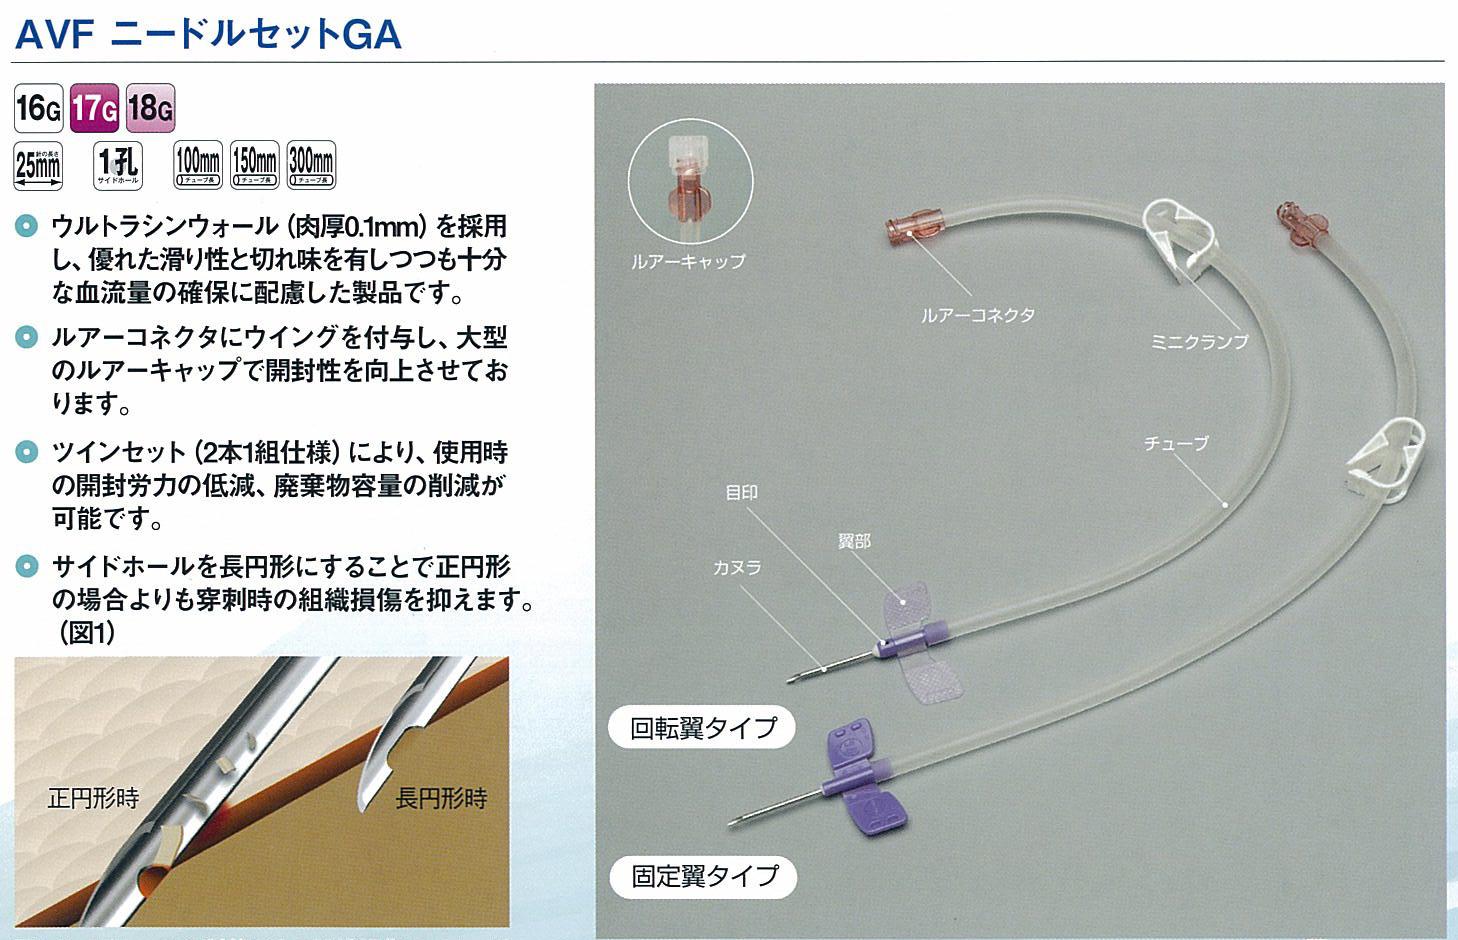 【送料無料】 セーフタッチAVFニードルセットGA 16G 68-951 ニプロ